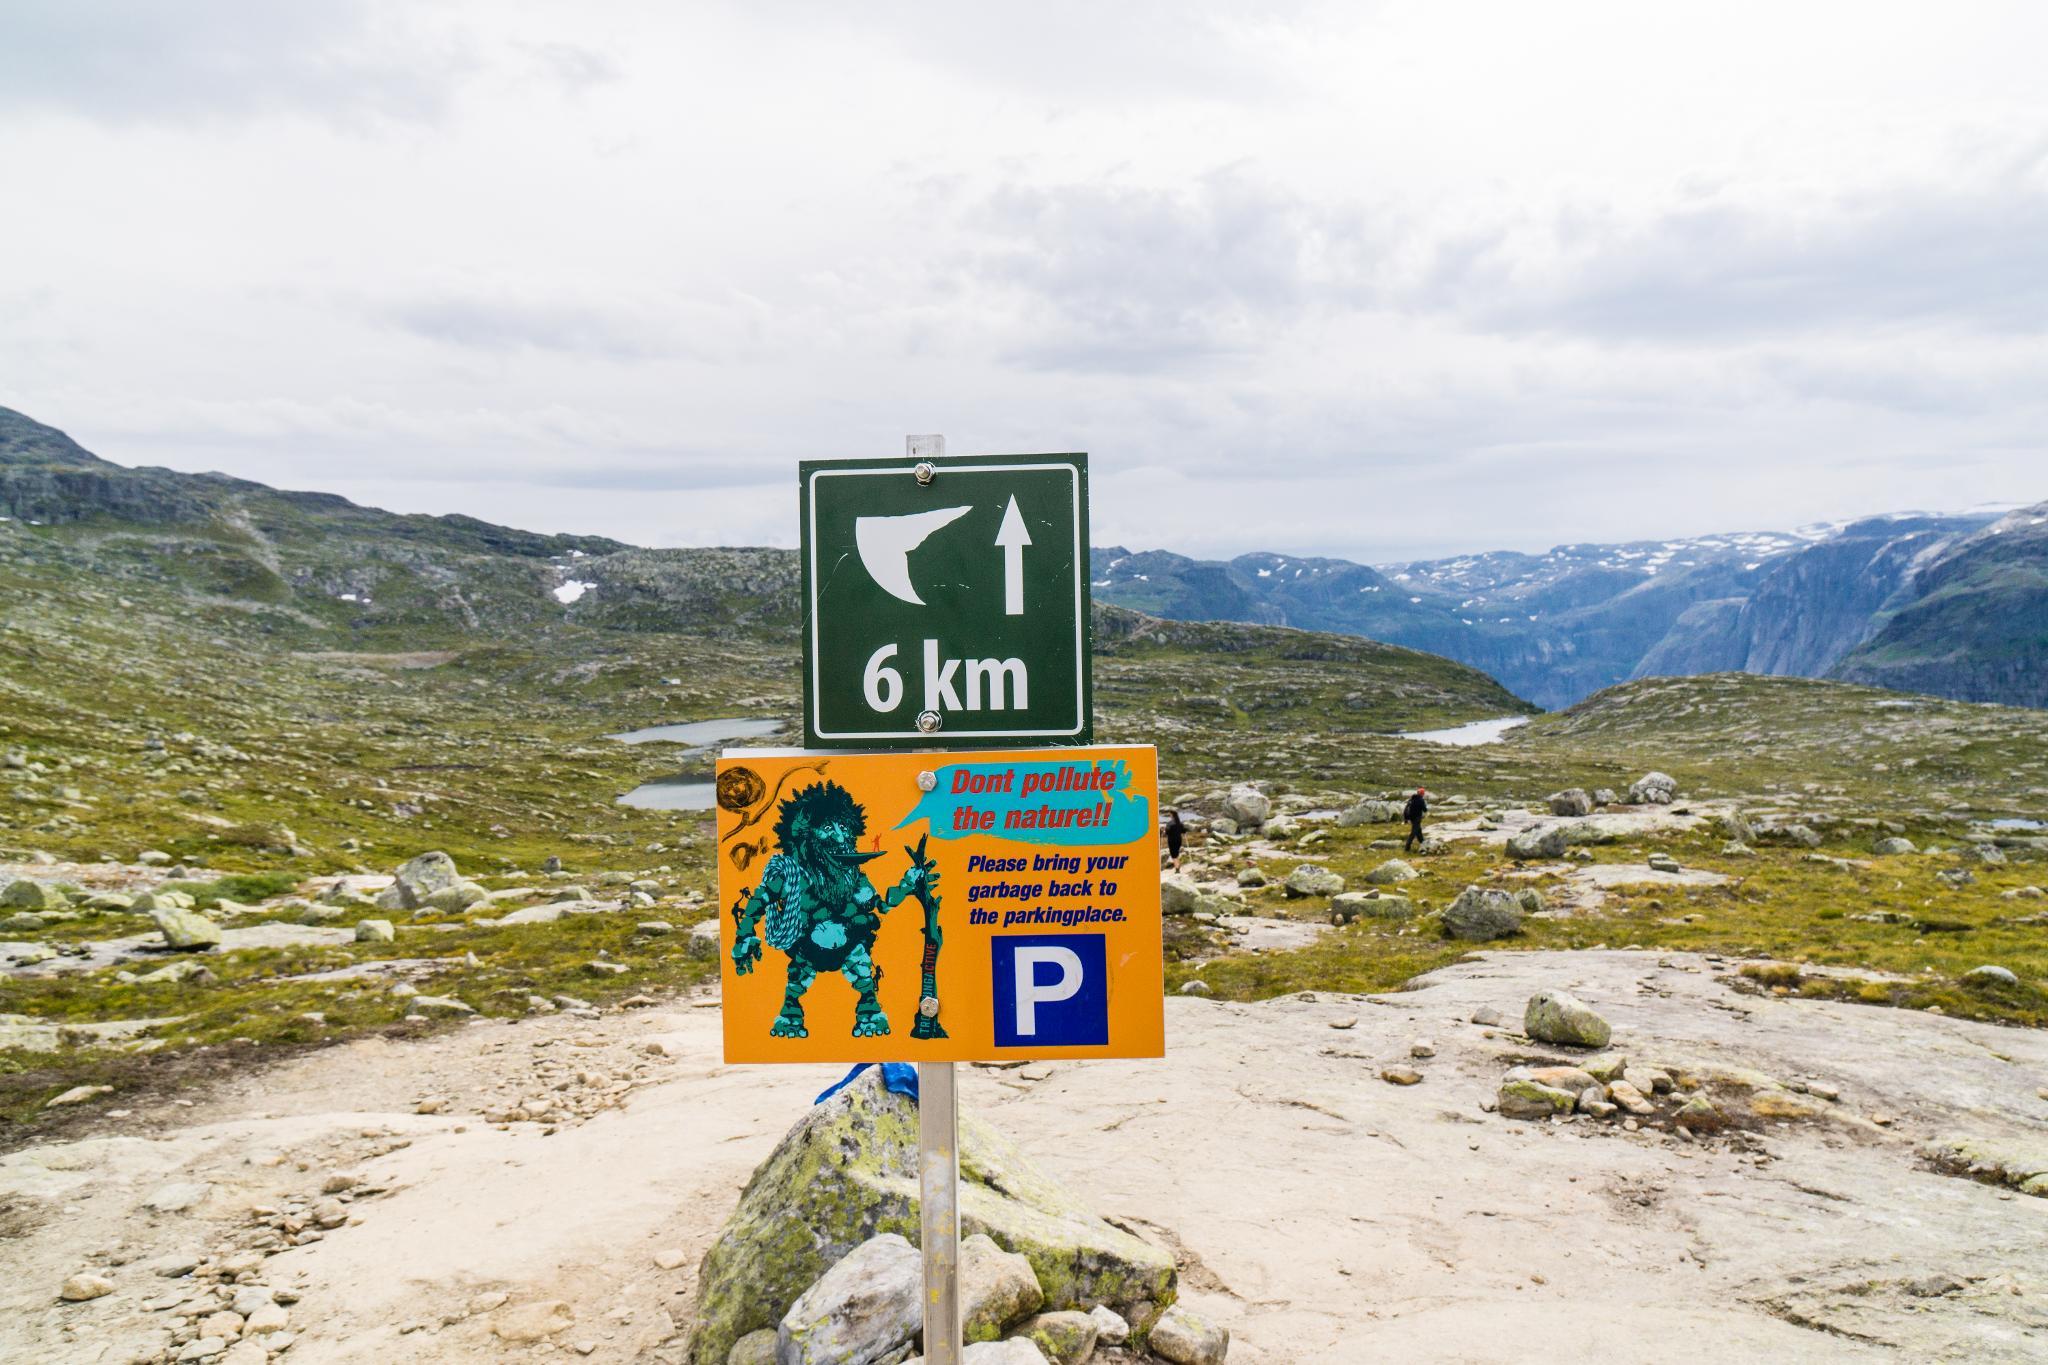 【北歐景點】挪威惡魔之舌 Trolltunga — 28公里健行挑戰全攻略 198